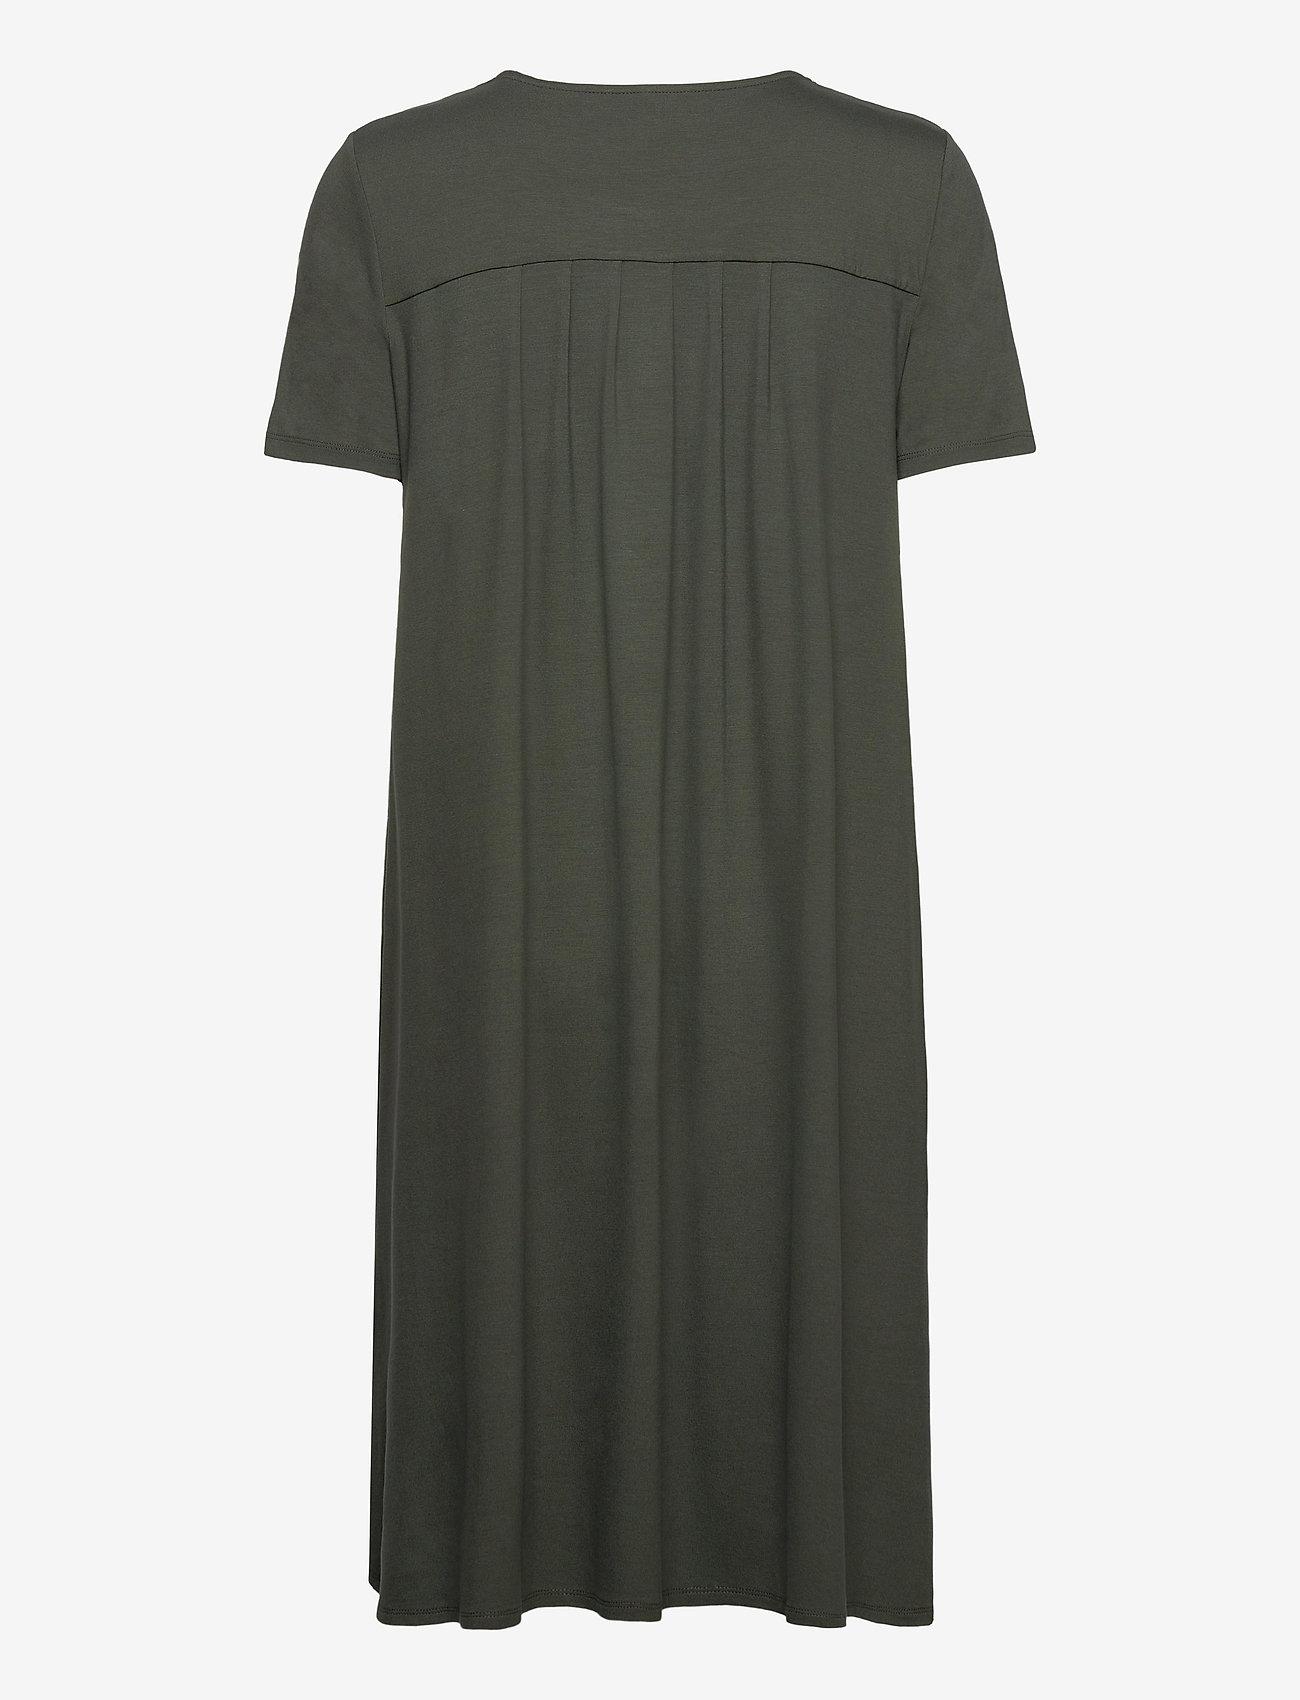 Gerry Weber Edition DRESS KNITTED FABRIC- Robes l4SVxE0L 92nTW KPtHOrNx